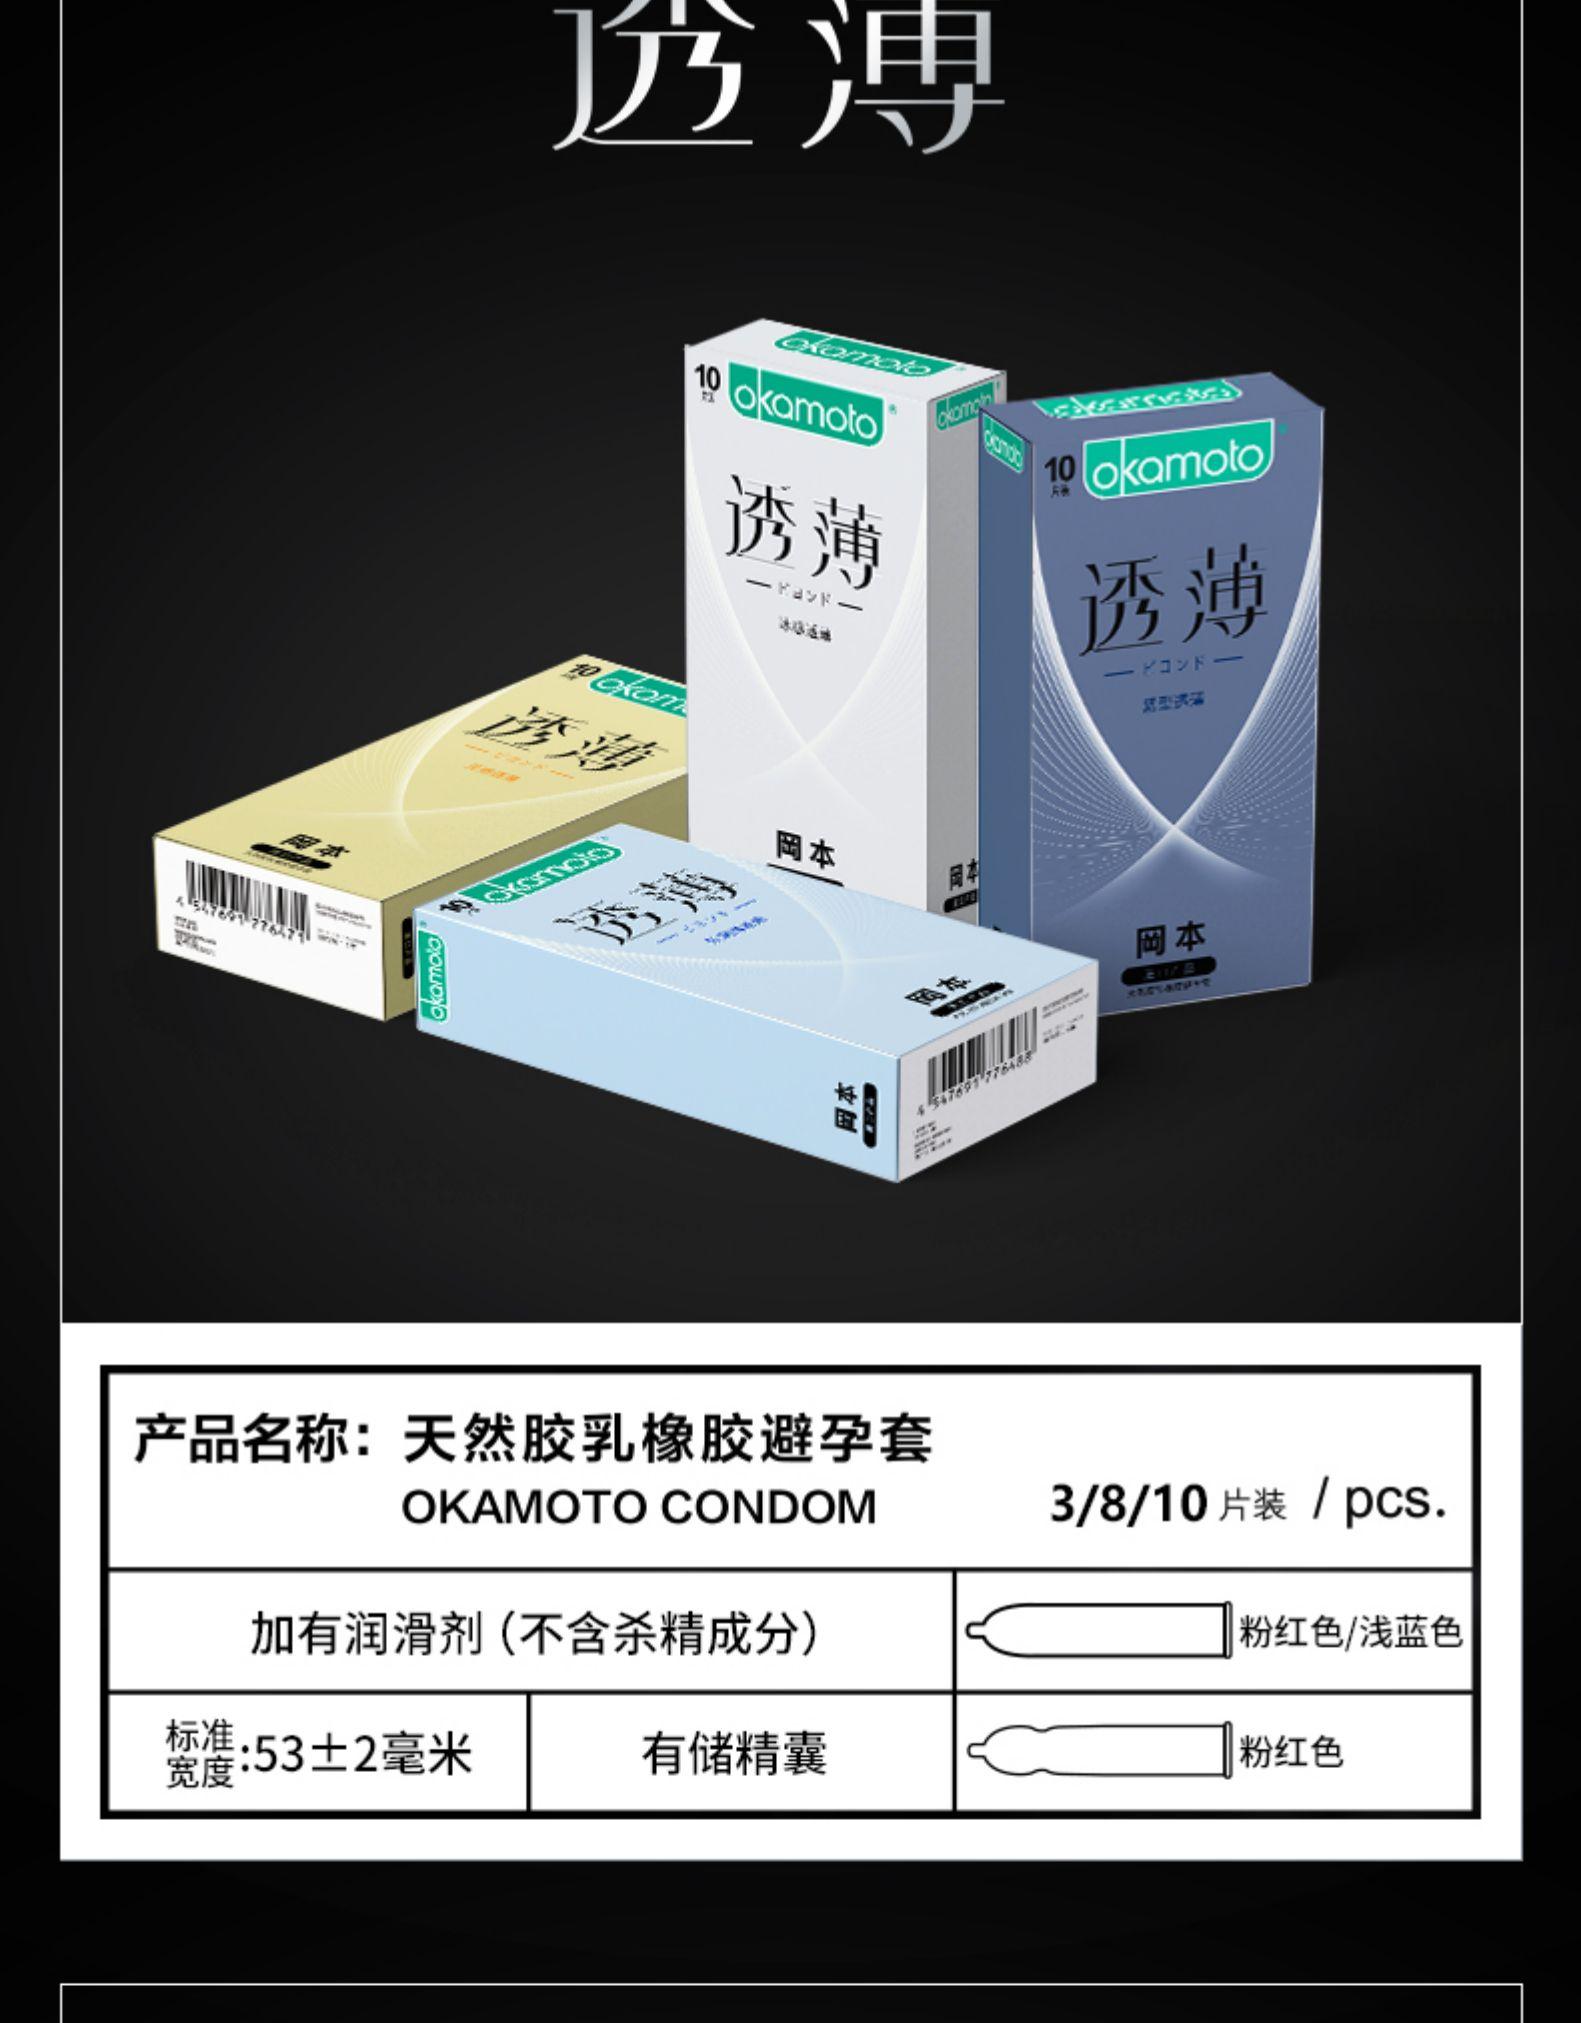 冈本 TOUCH紧型3片+SKIN激薄5片x3盒 券后19.9元包邮 买手党-买手聚集的地方